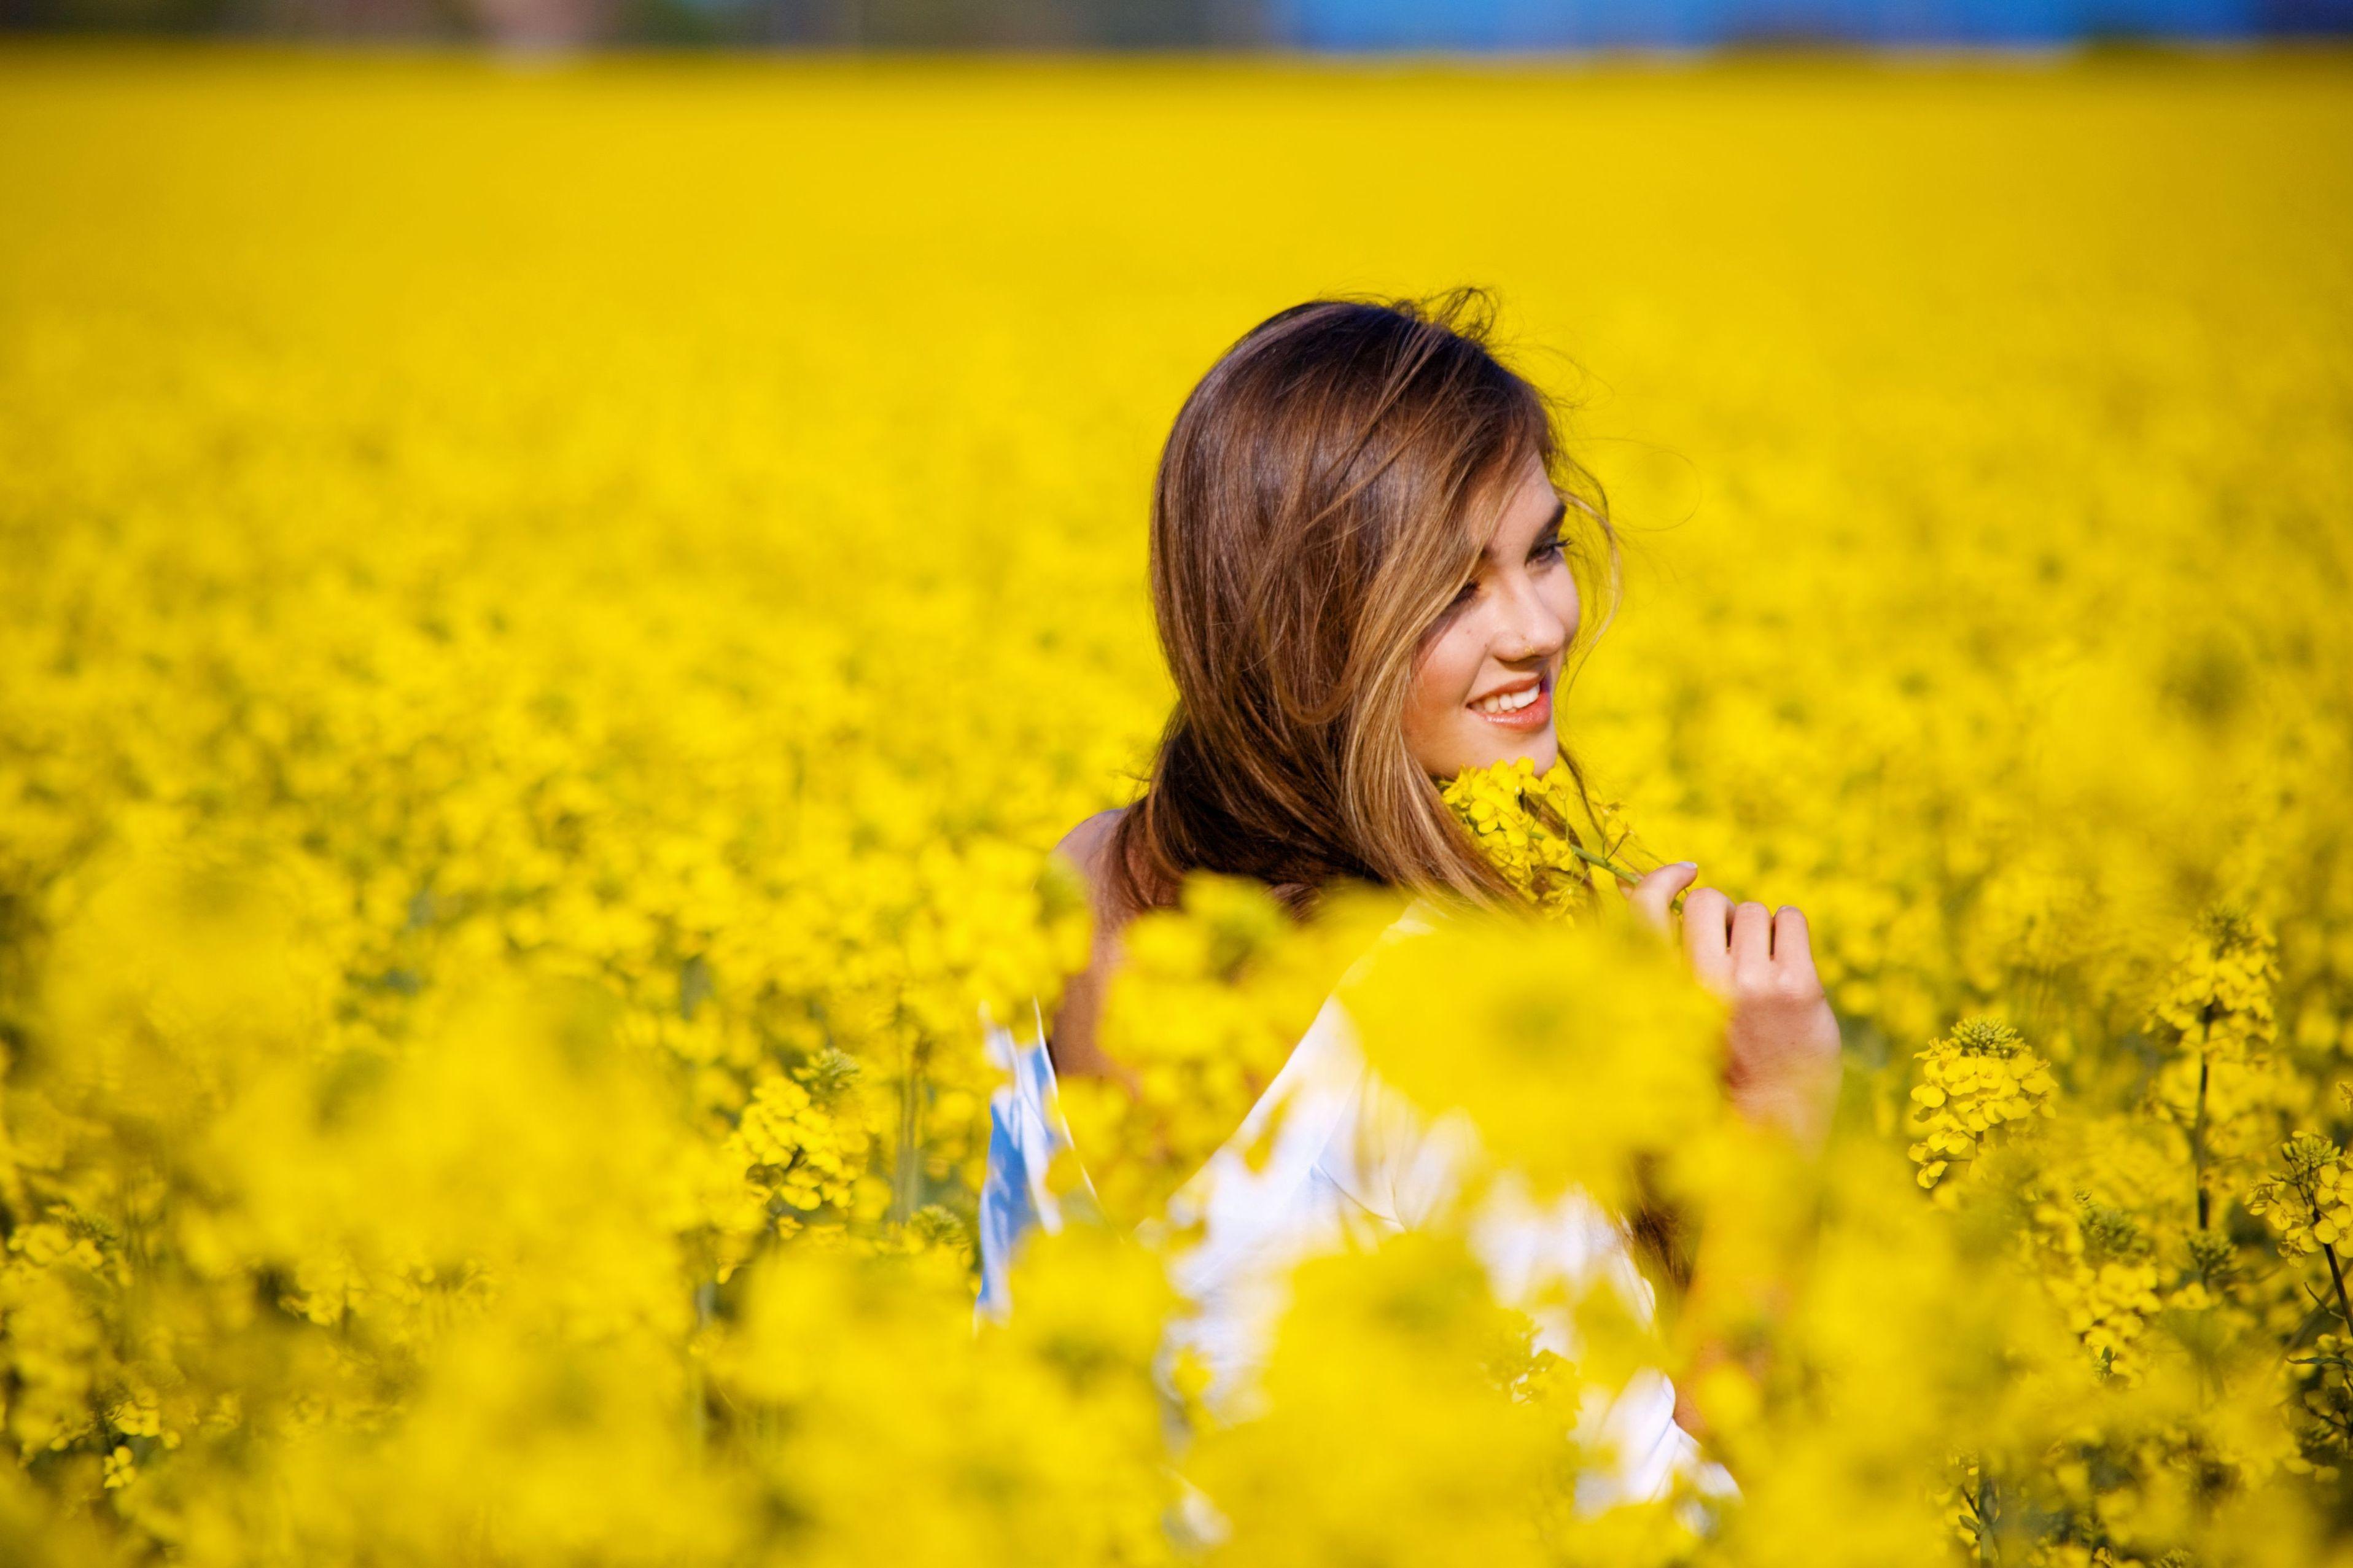 девушка природа белое платье цветы желтые  № 3832569 бесплатно